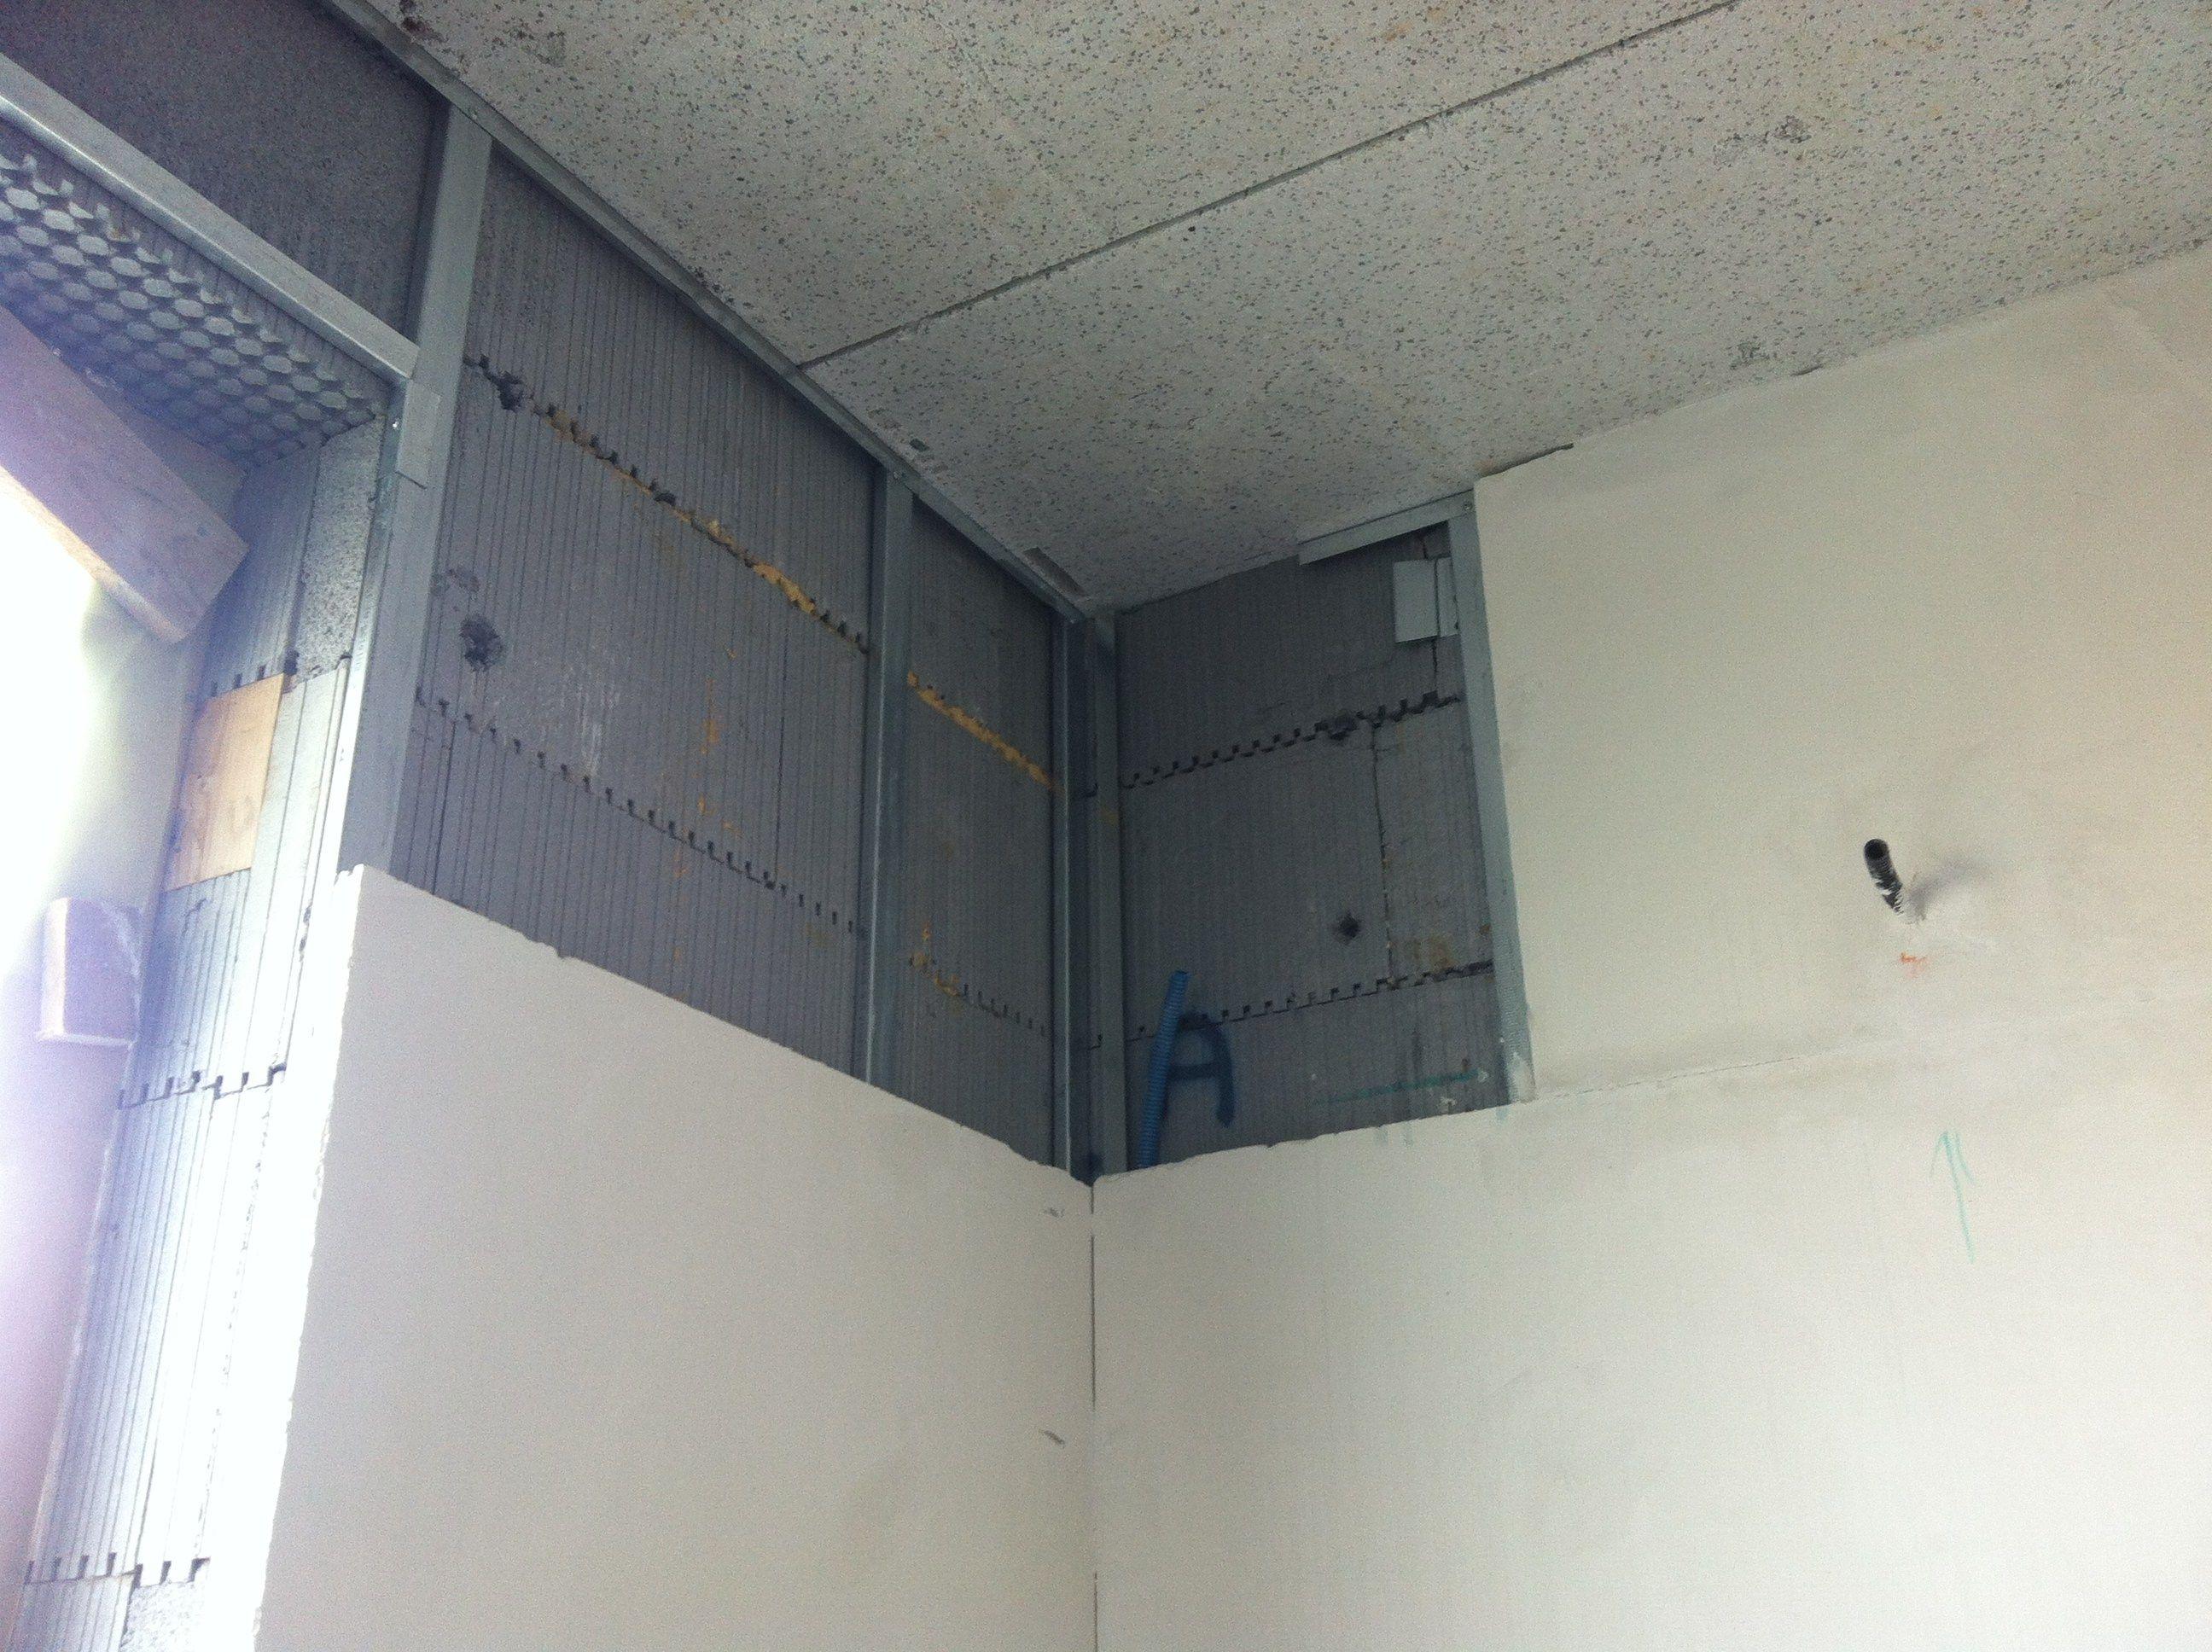 plaque de pl tre acoustique pour murs int rieurs pour l 39 isolation thermique biogips by bioisotherm. Black Bedroom Furniture Sets. Home Design Ideas